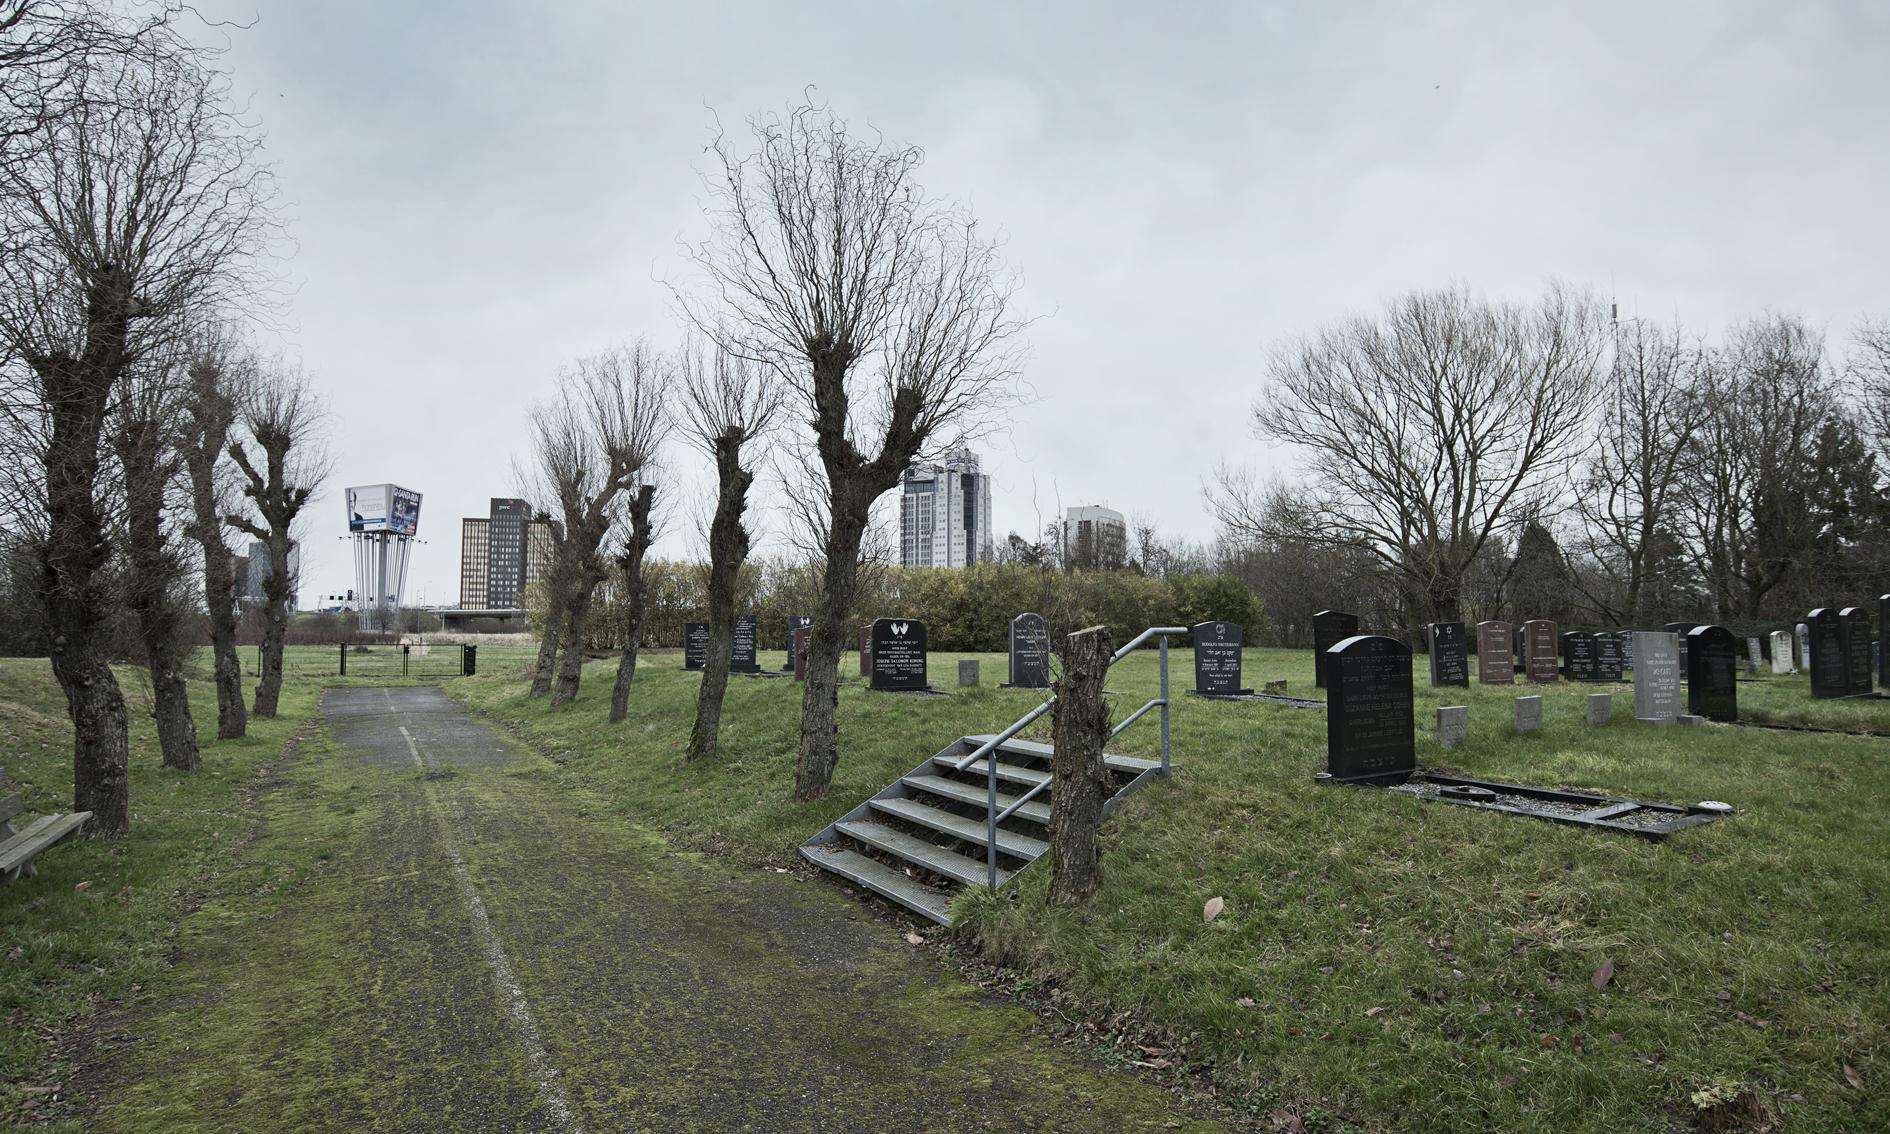 Joods-Israelitische begraafplaats